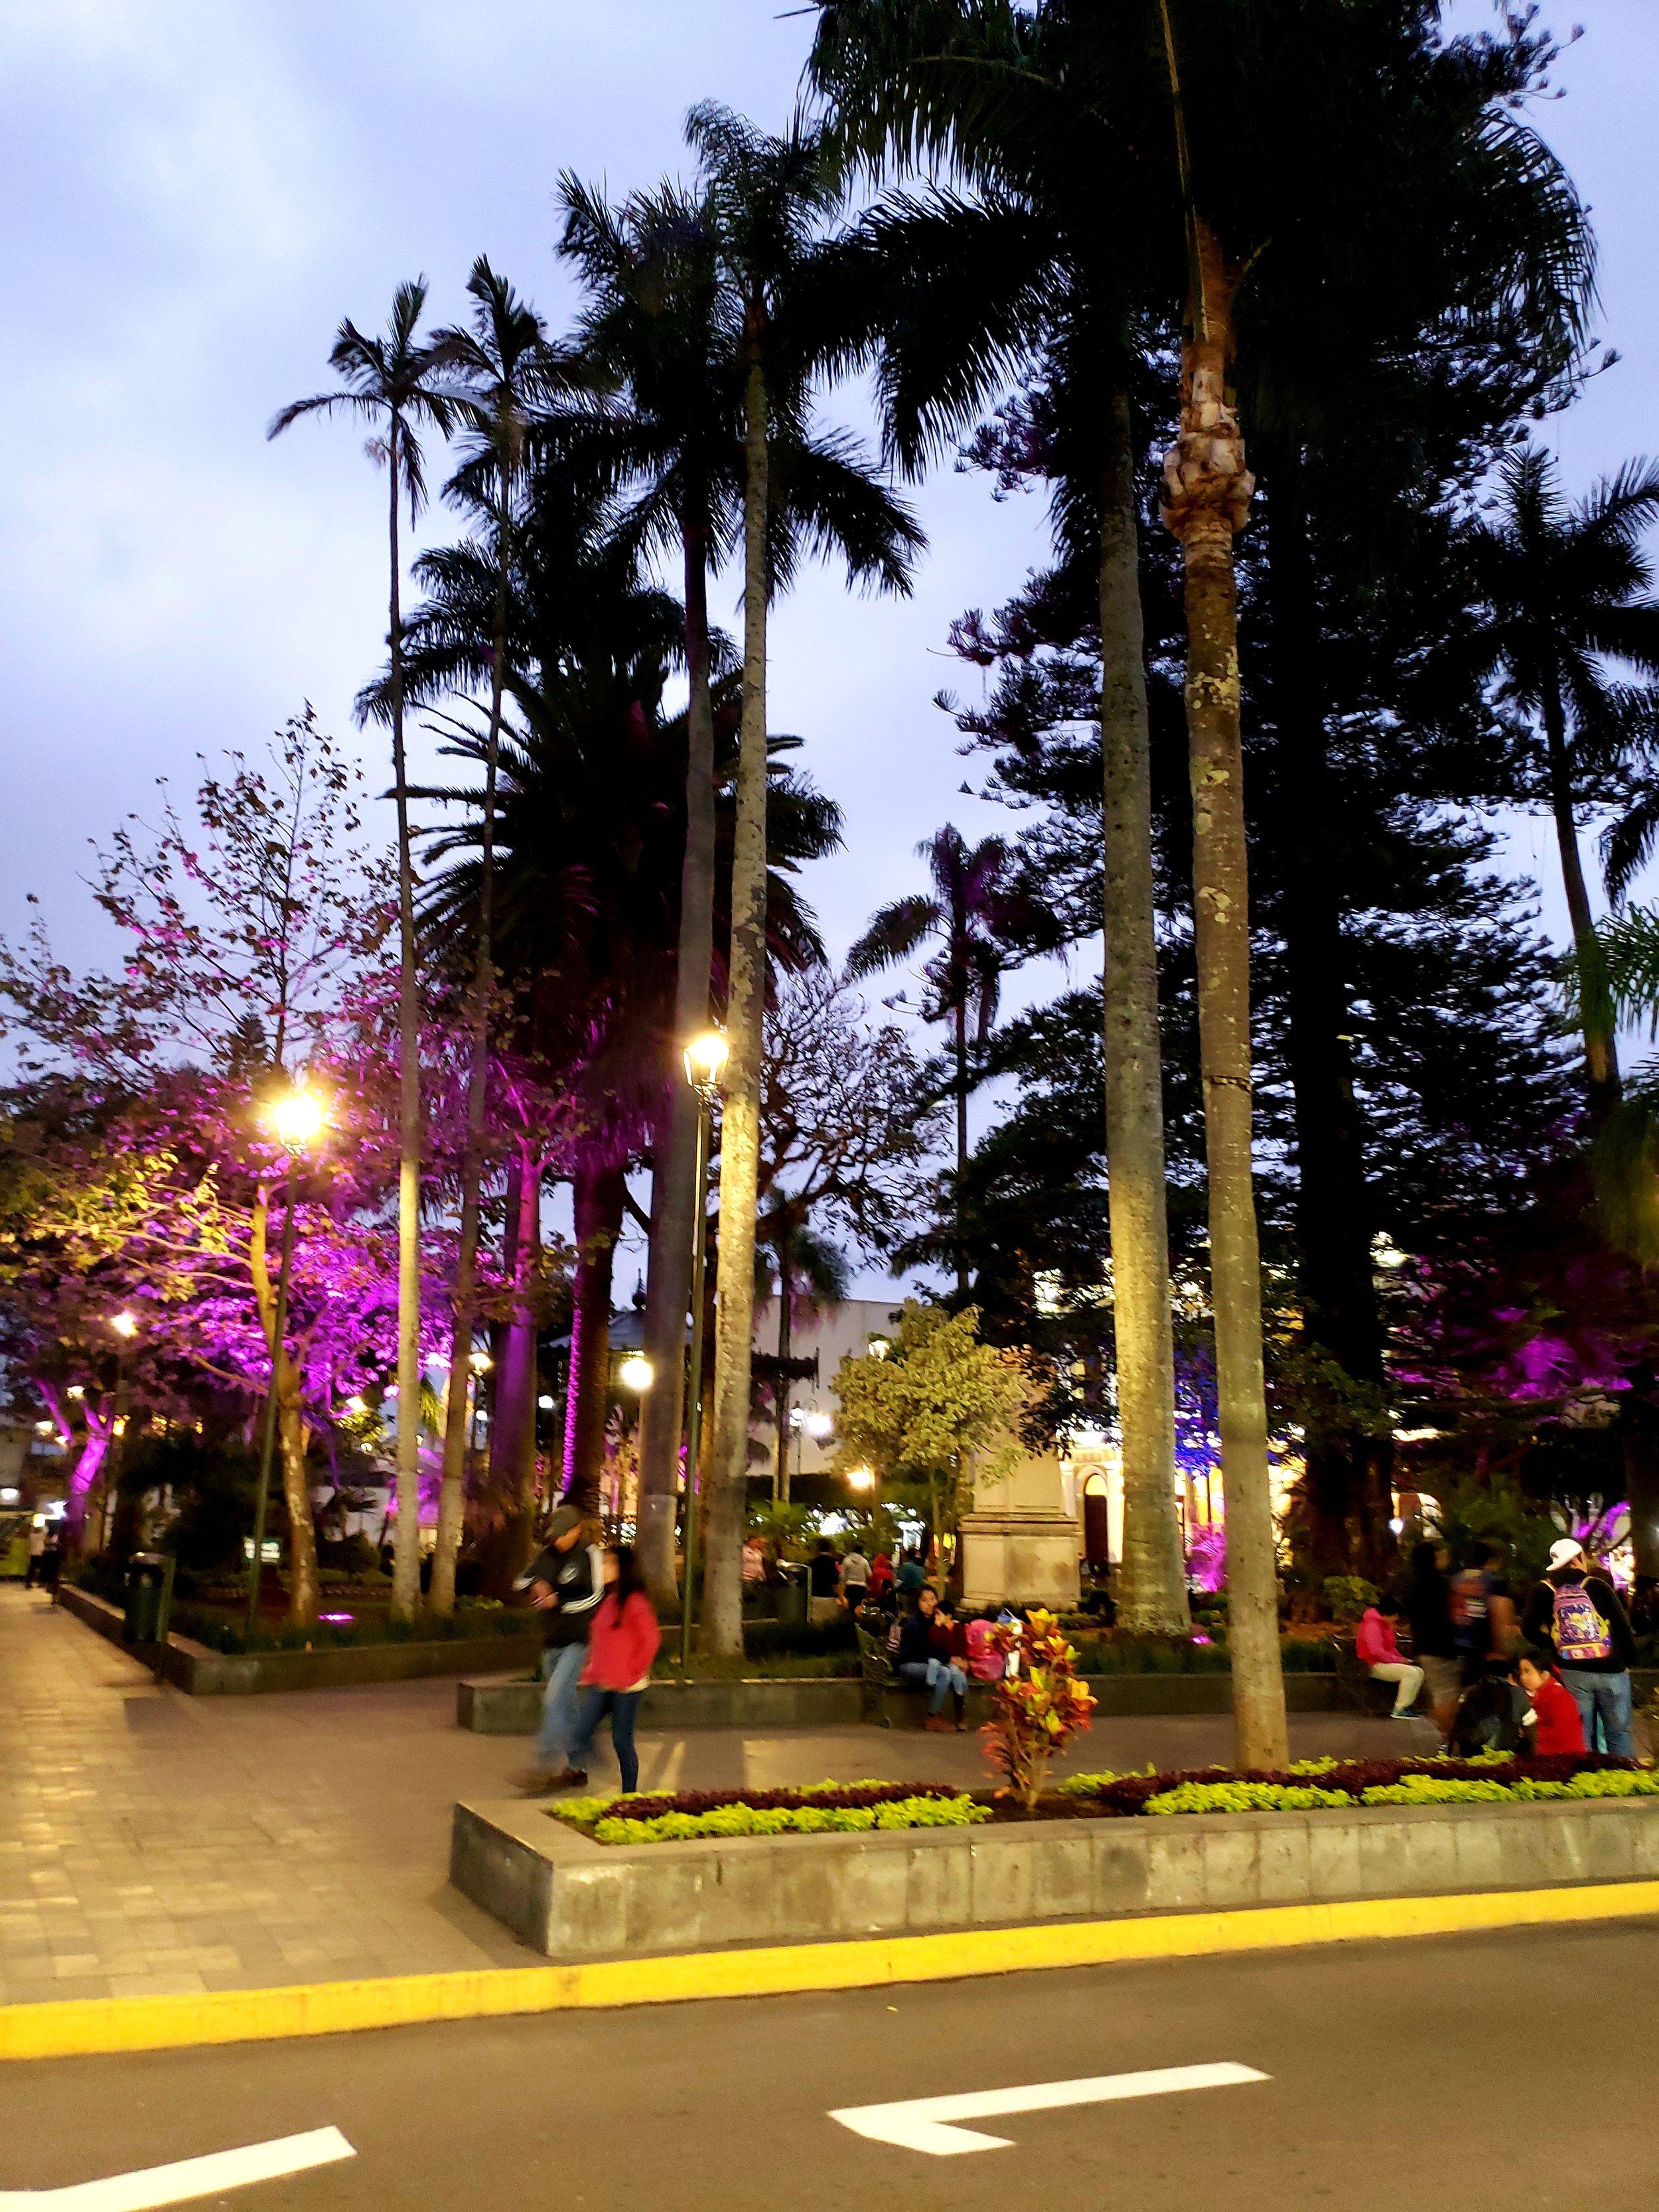 Evening in Orizaba